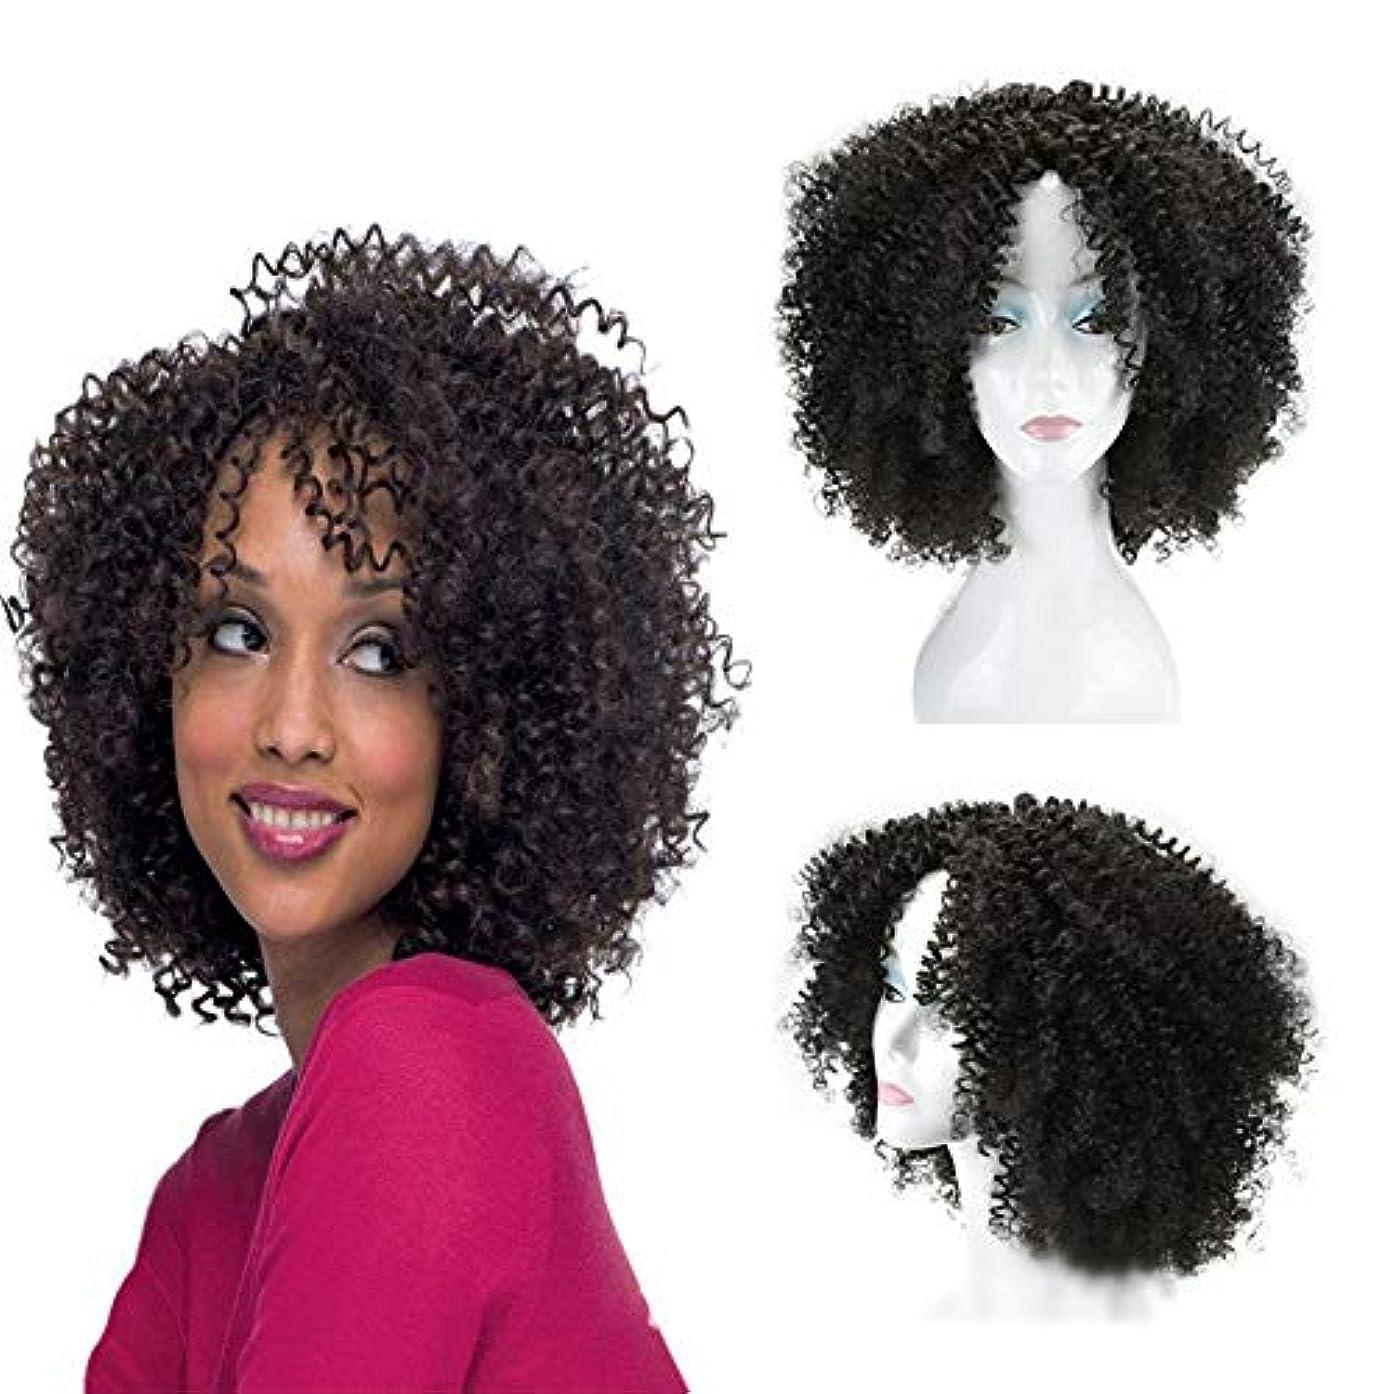 であること許容できるカリングYOUQIU 16インチ変態カーリー黒爆発デイリーコスプレパーティードレスウィッグ用のヘッドの女性のアフリカの小カーリーヘア (色 : 黒)